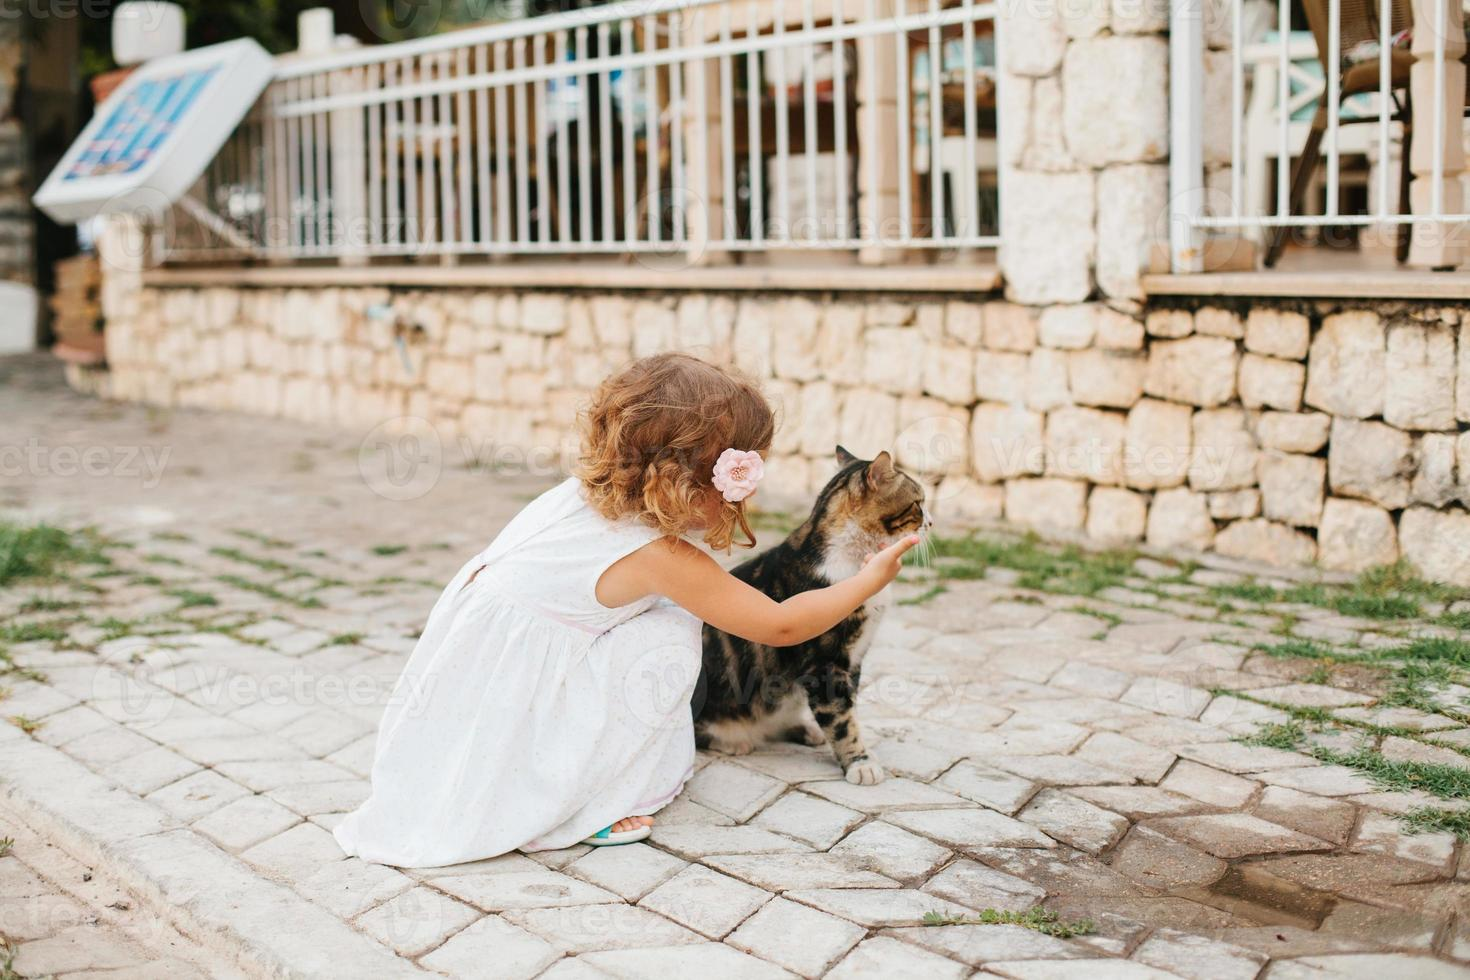 bambina che gioca con il gatto all'aperto foto